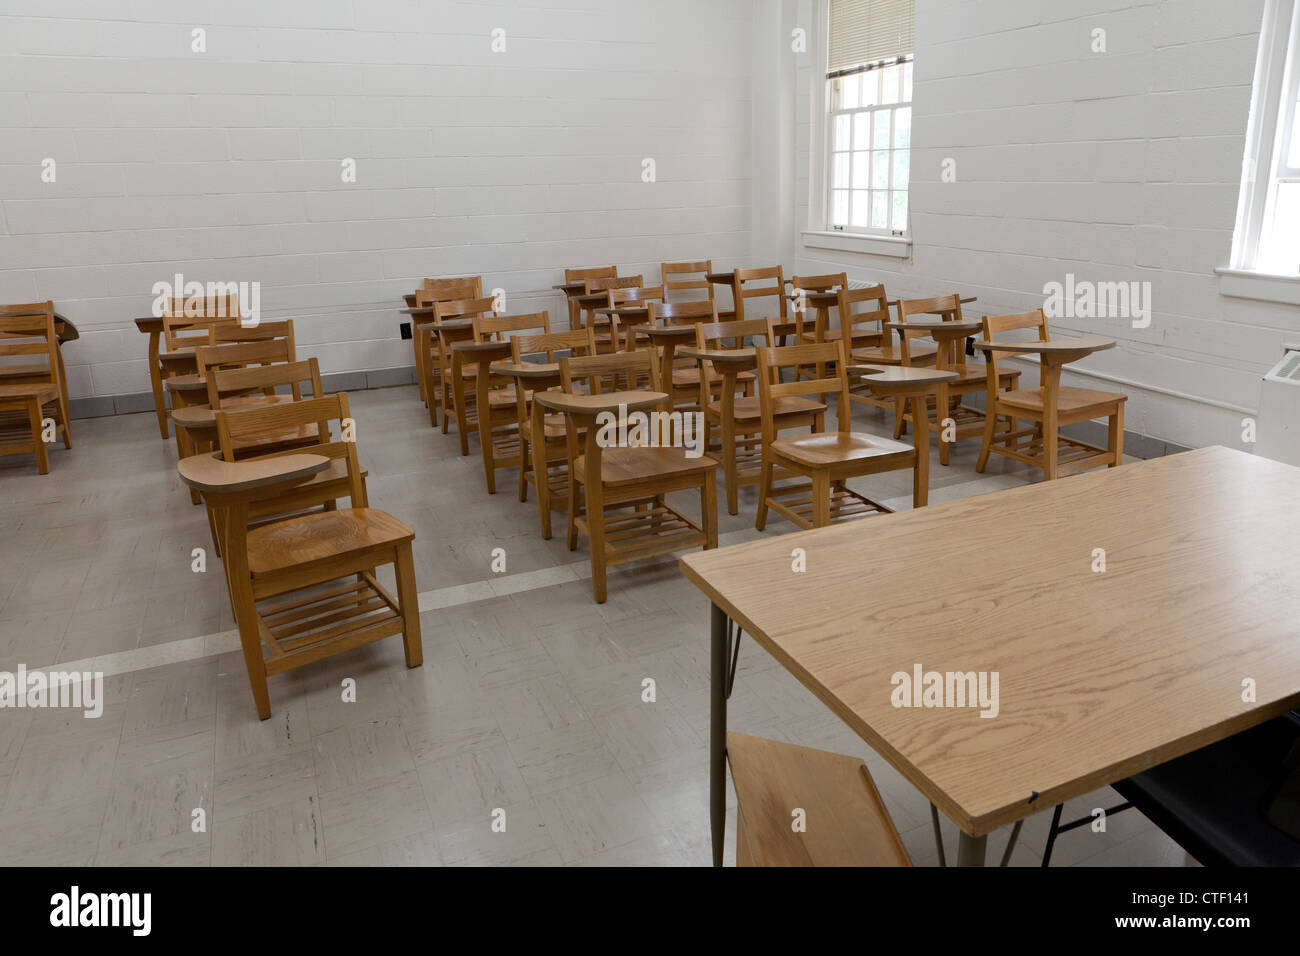 Classroom Usa Stock Photos Amp Classroom Usa Stock Images